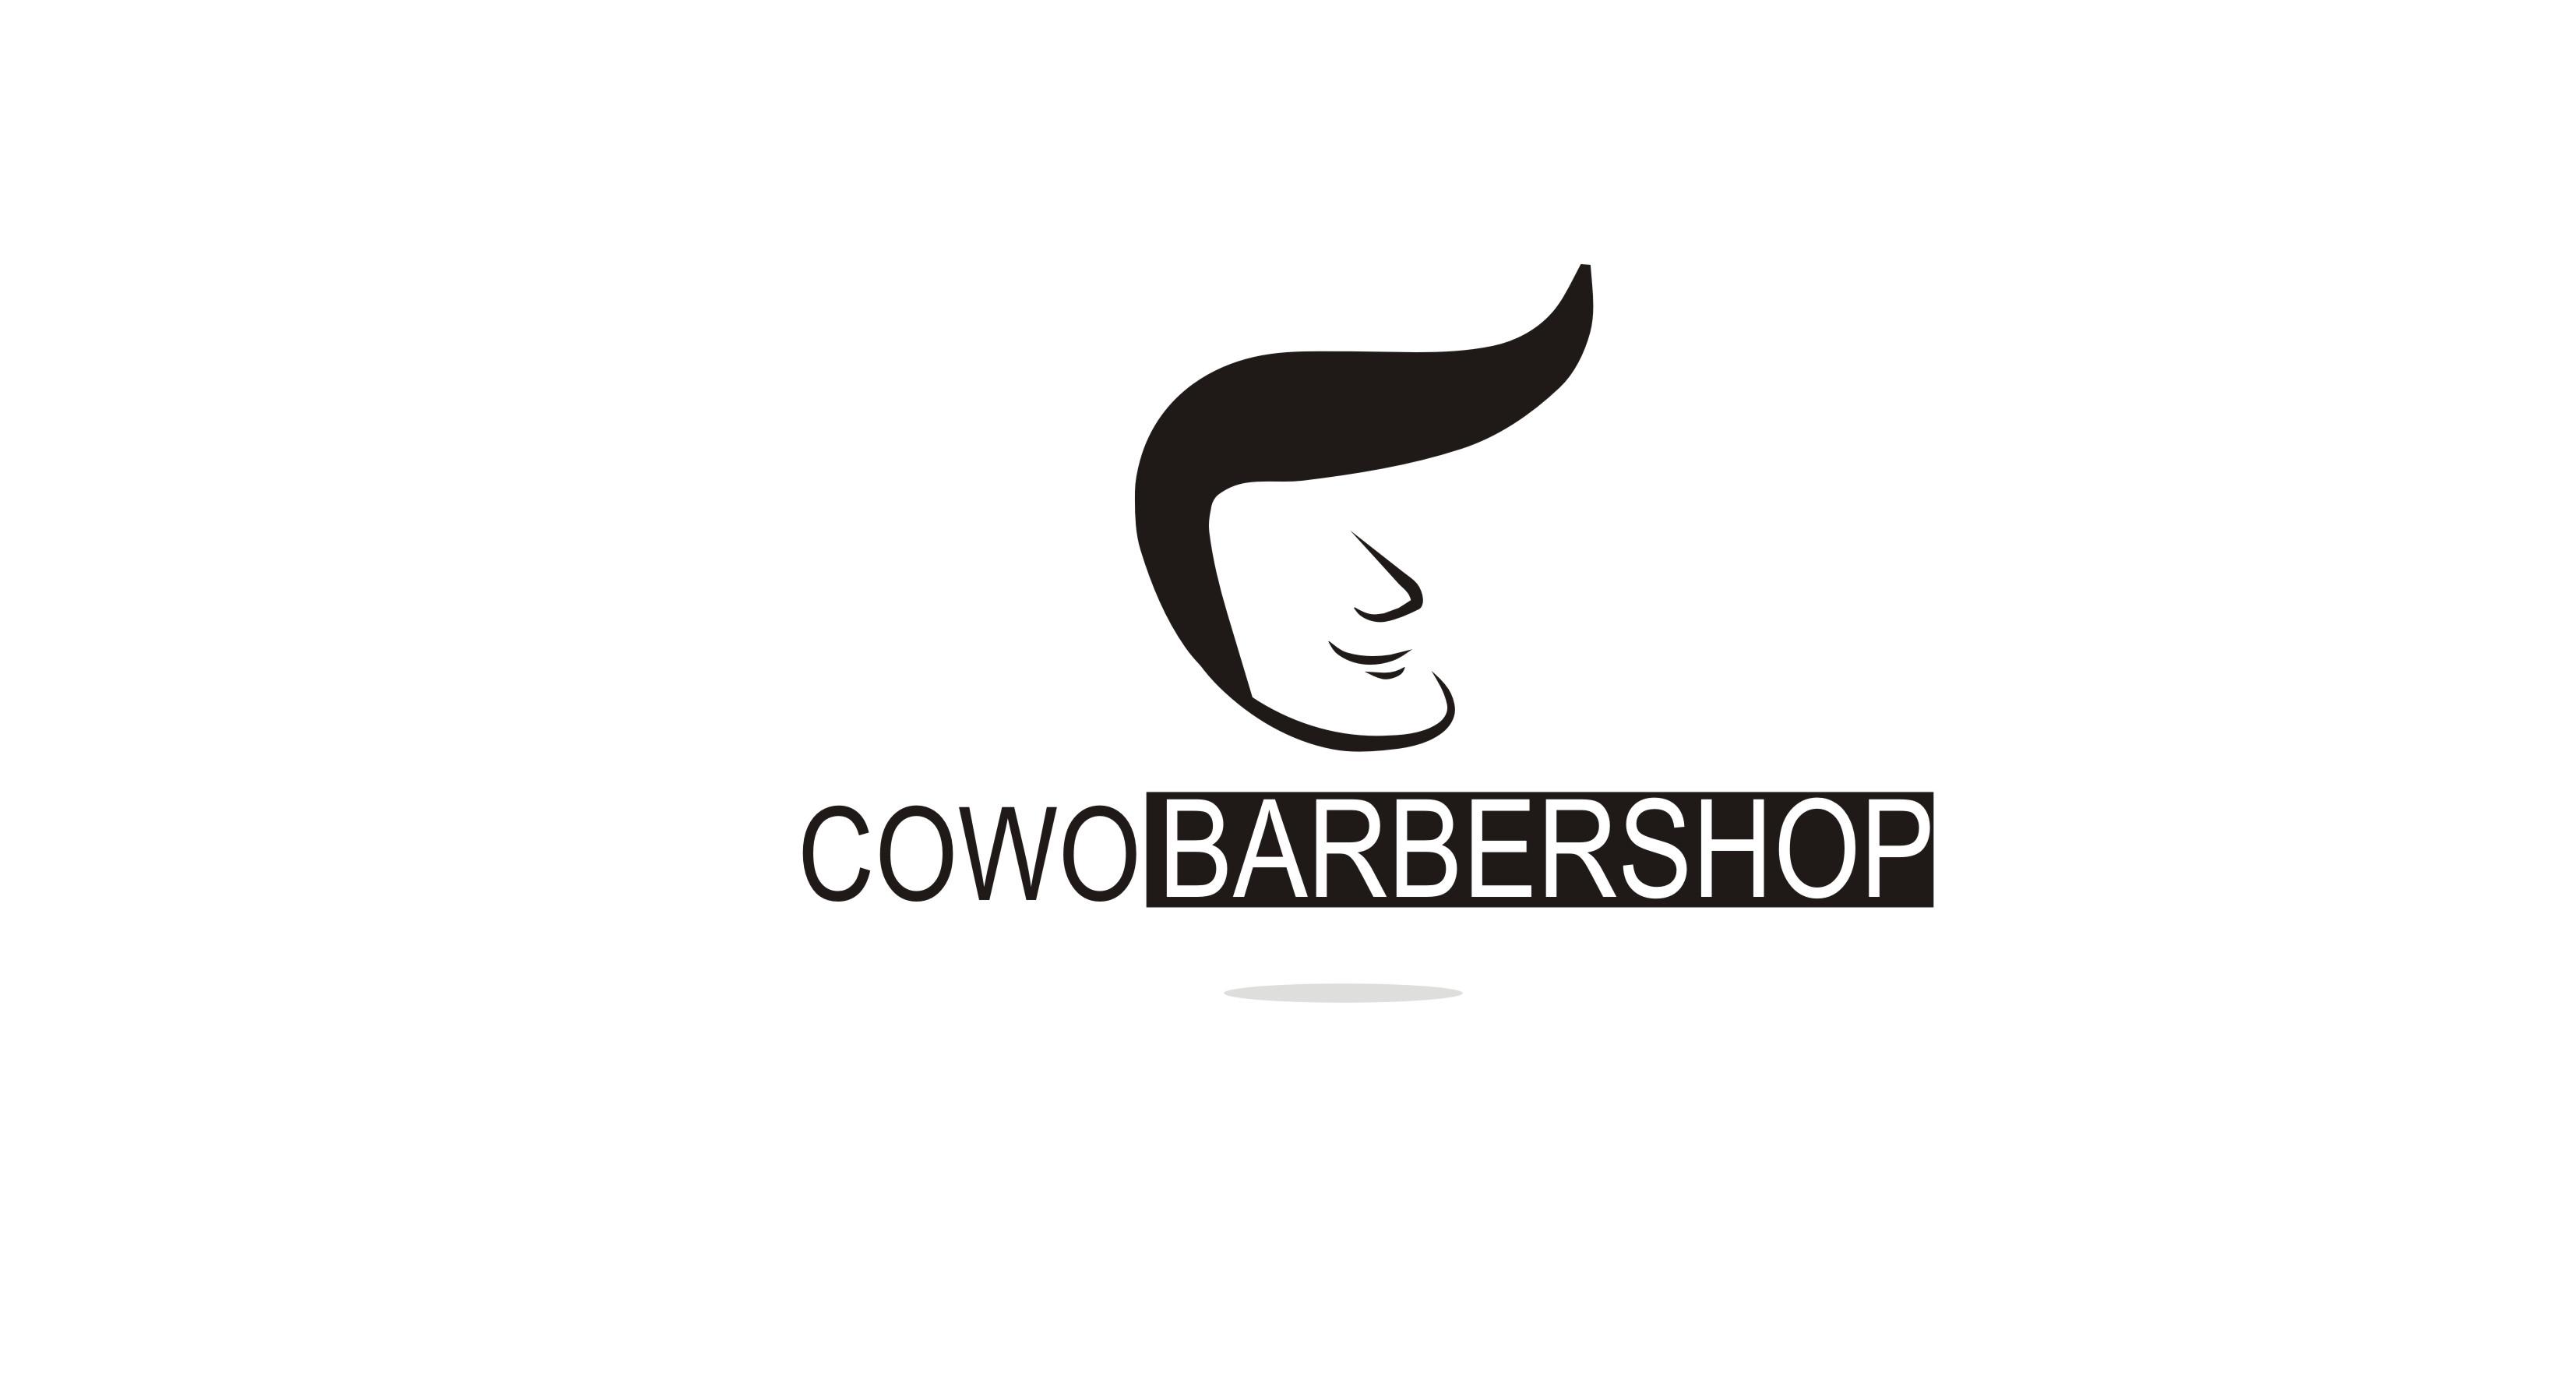 COWOBARBERSHOP